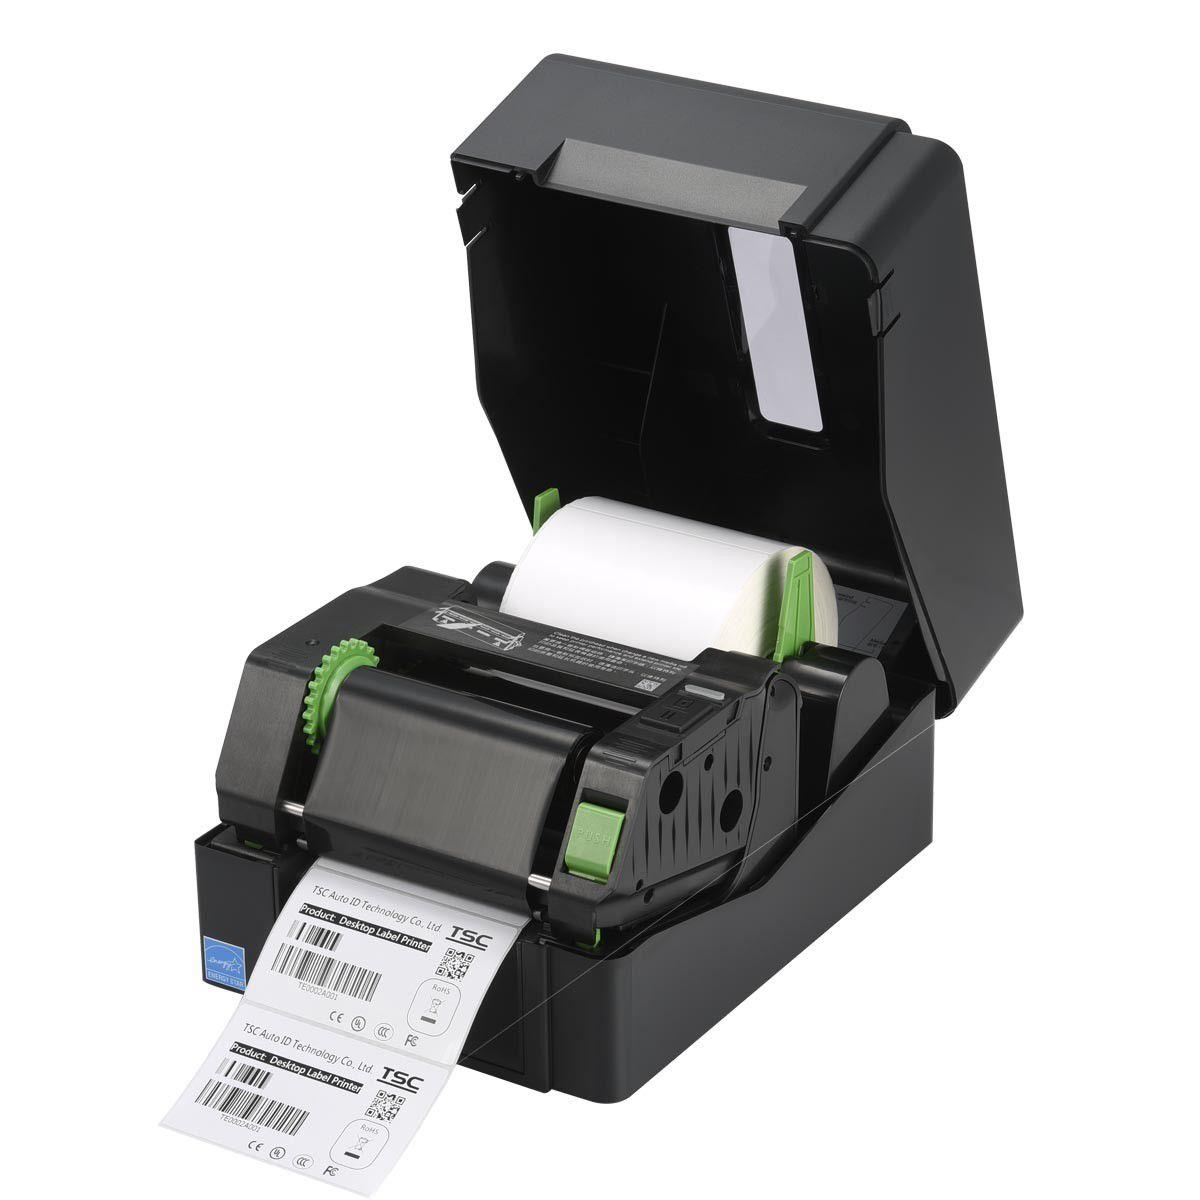 Impressora de Etiquetas Térmica - TE200  - TSC - Ribbon 300 metros